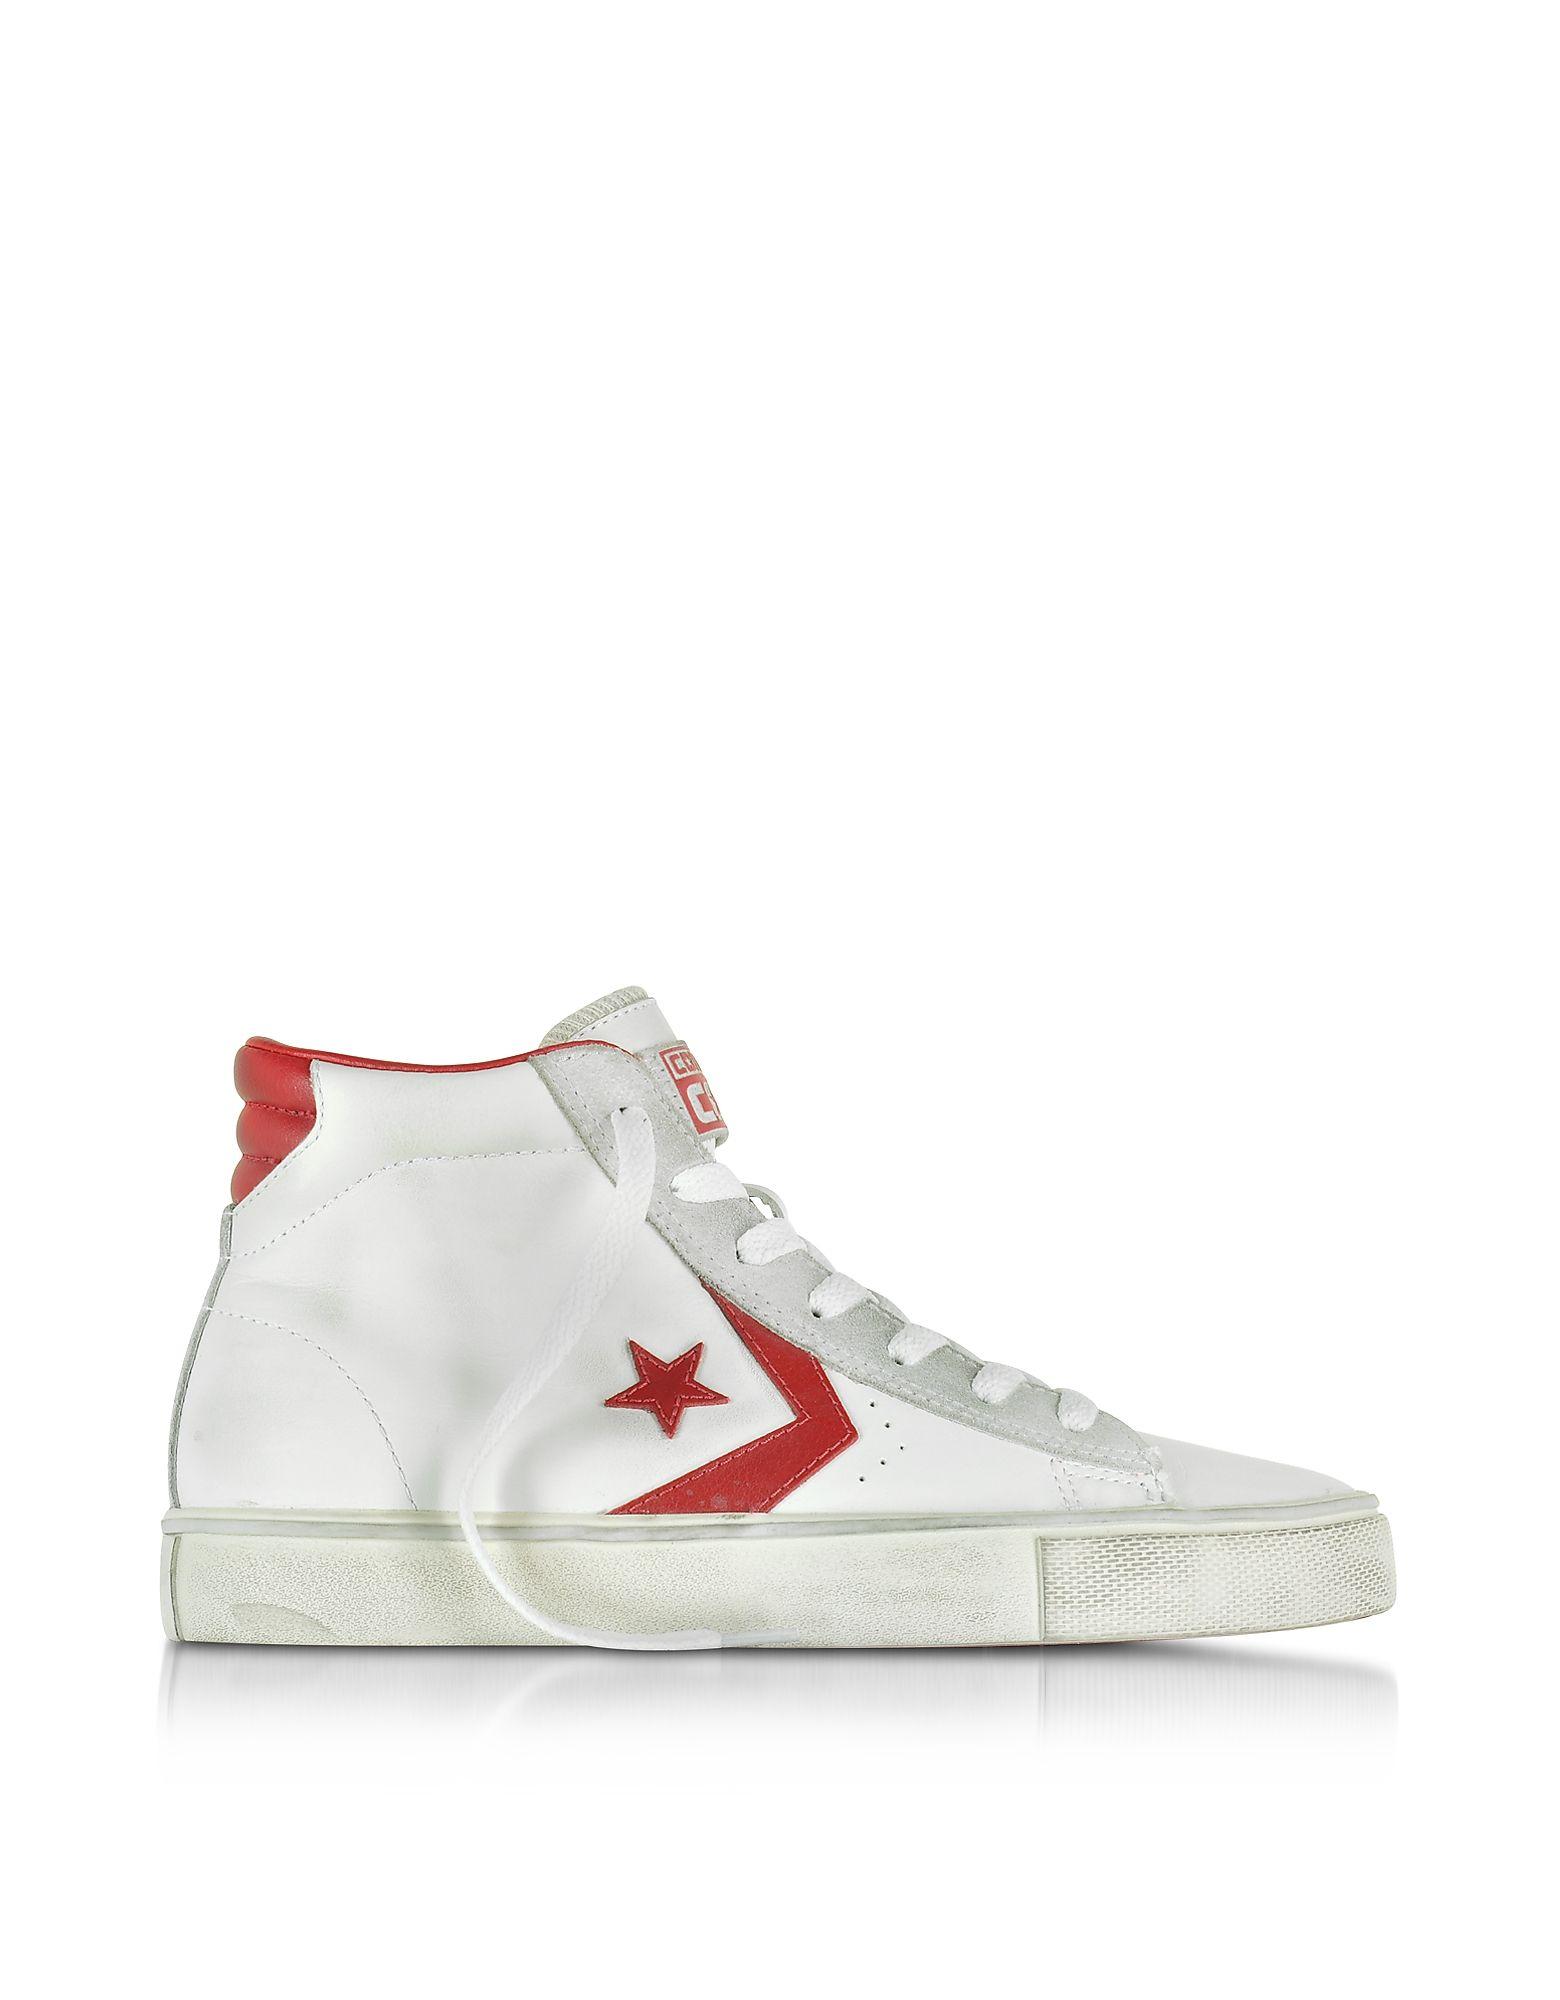 Paillettes Vulc Pro Cuir - Chaussures - Bas-tops Et Baskets Converse ma6TzhxaT